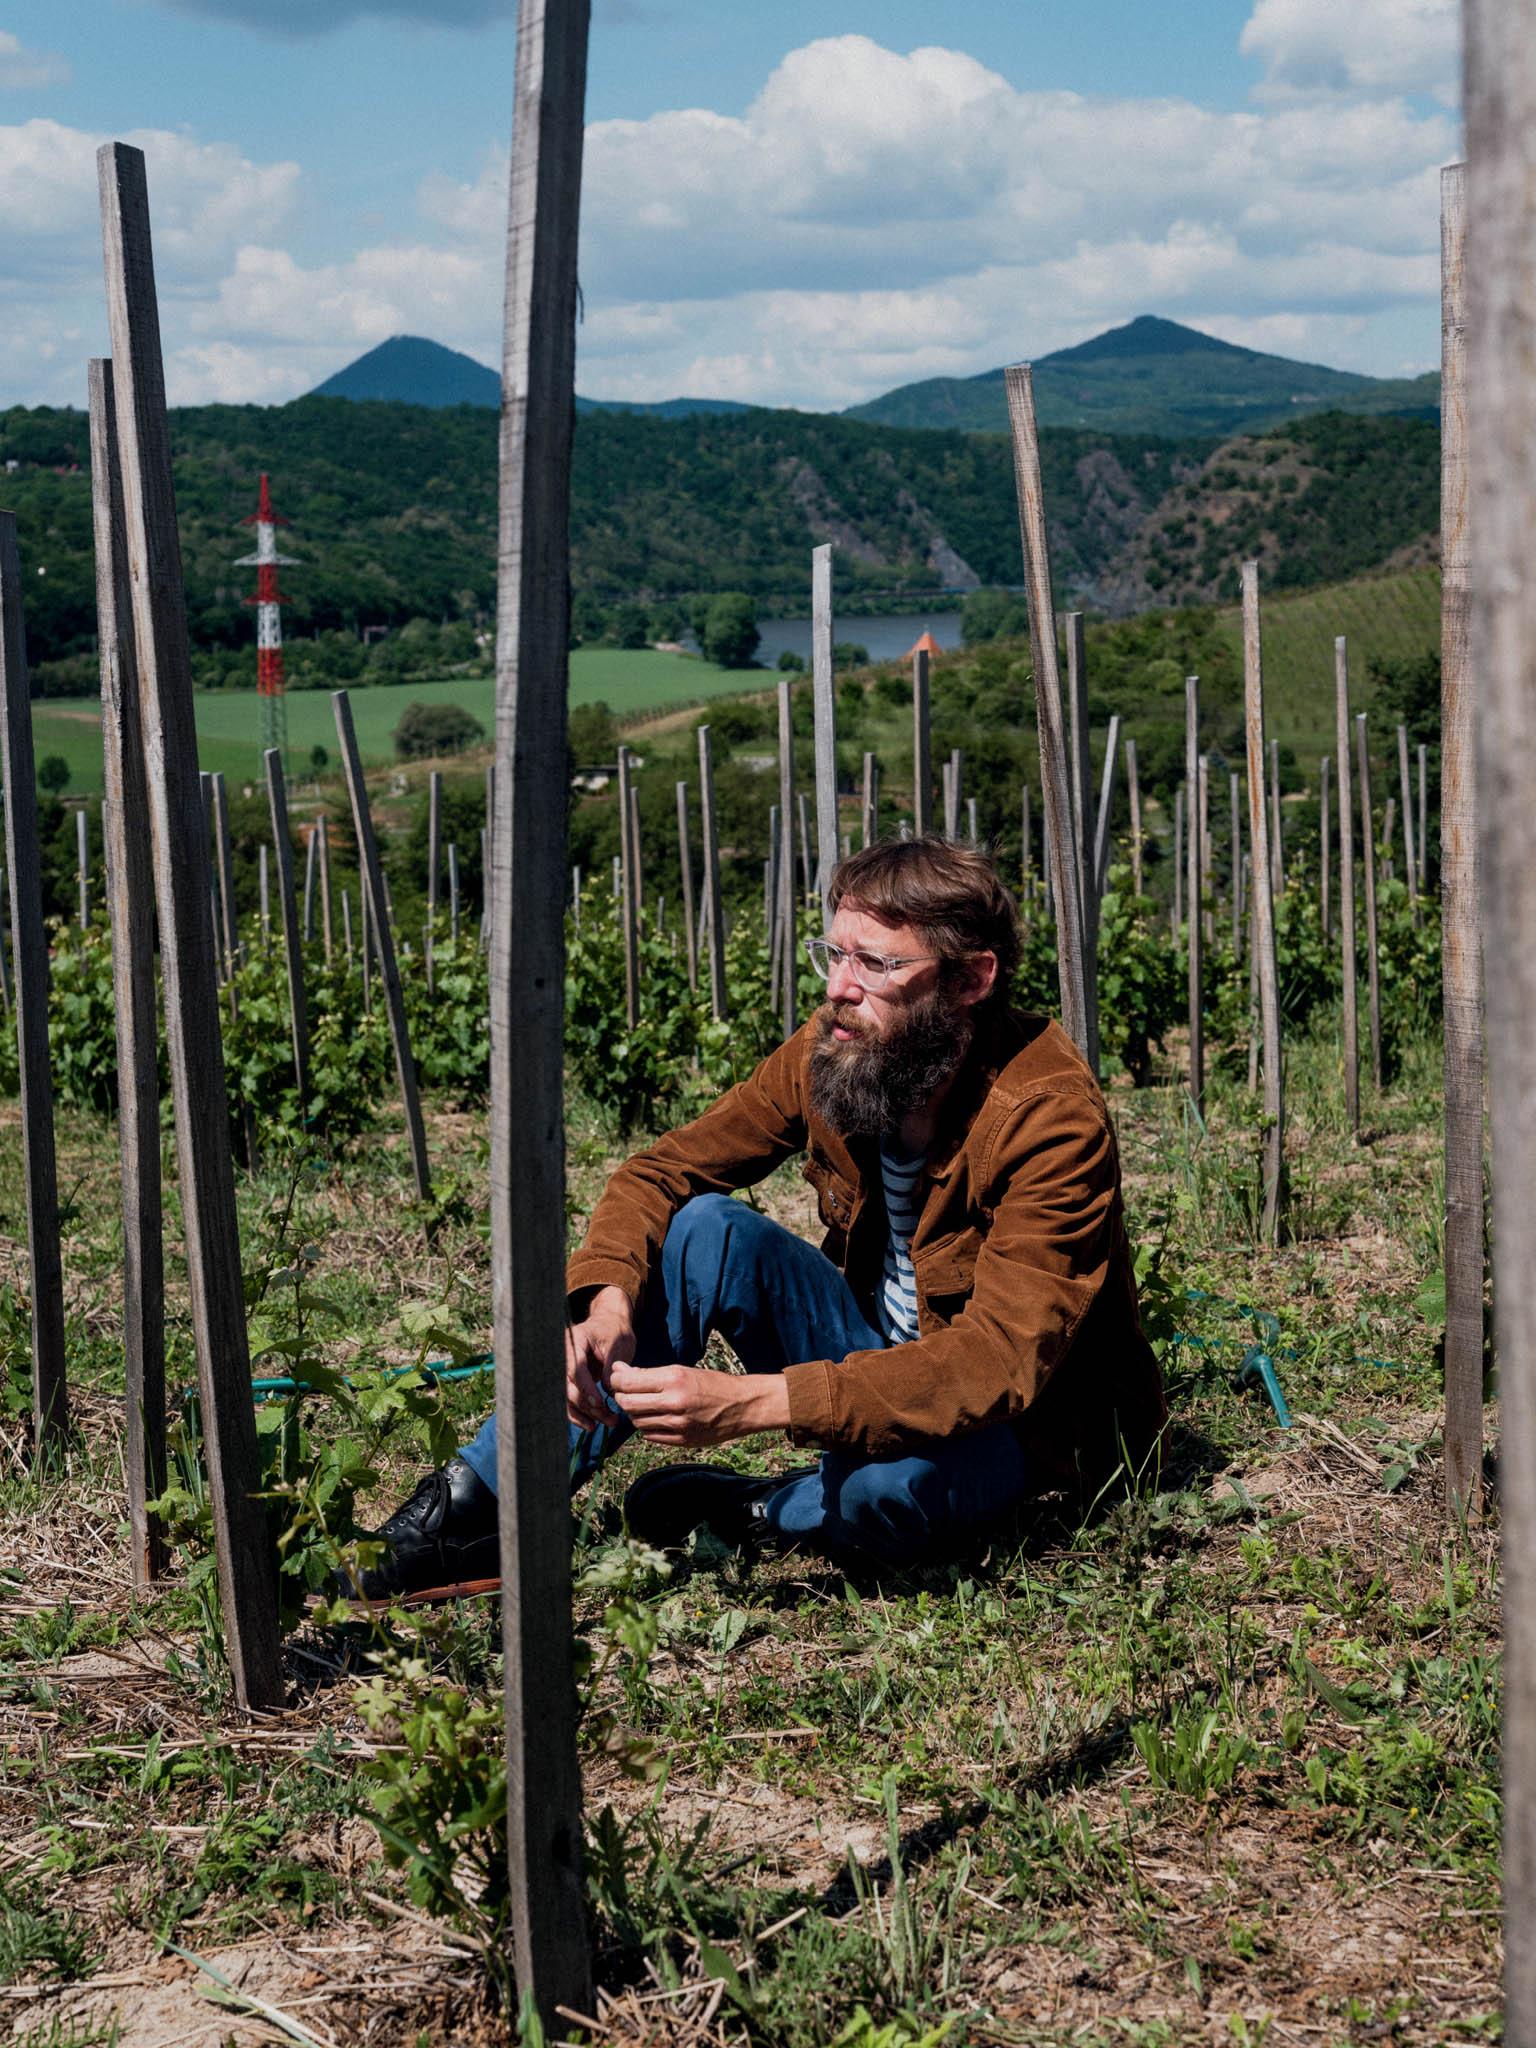 Básník avinař Bogdan Trojak nasvé vinici veVelkých Žernosekách. České středohoří je historicky ceněnou vinnou oblastí, čedičové podloží propůjčuje vínu charakteristickou mineralitu.